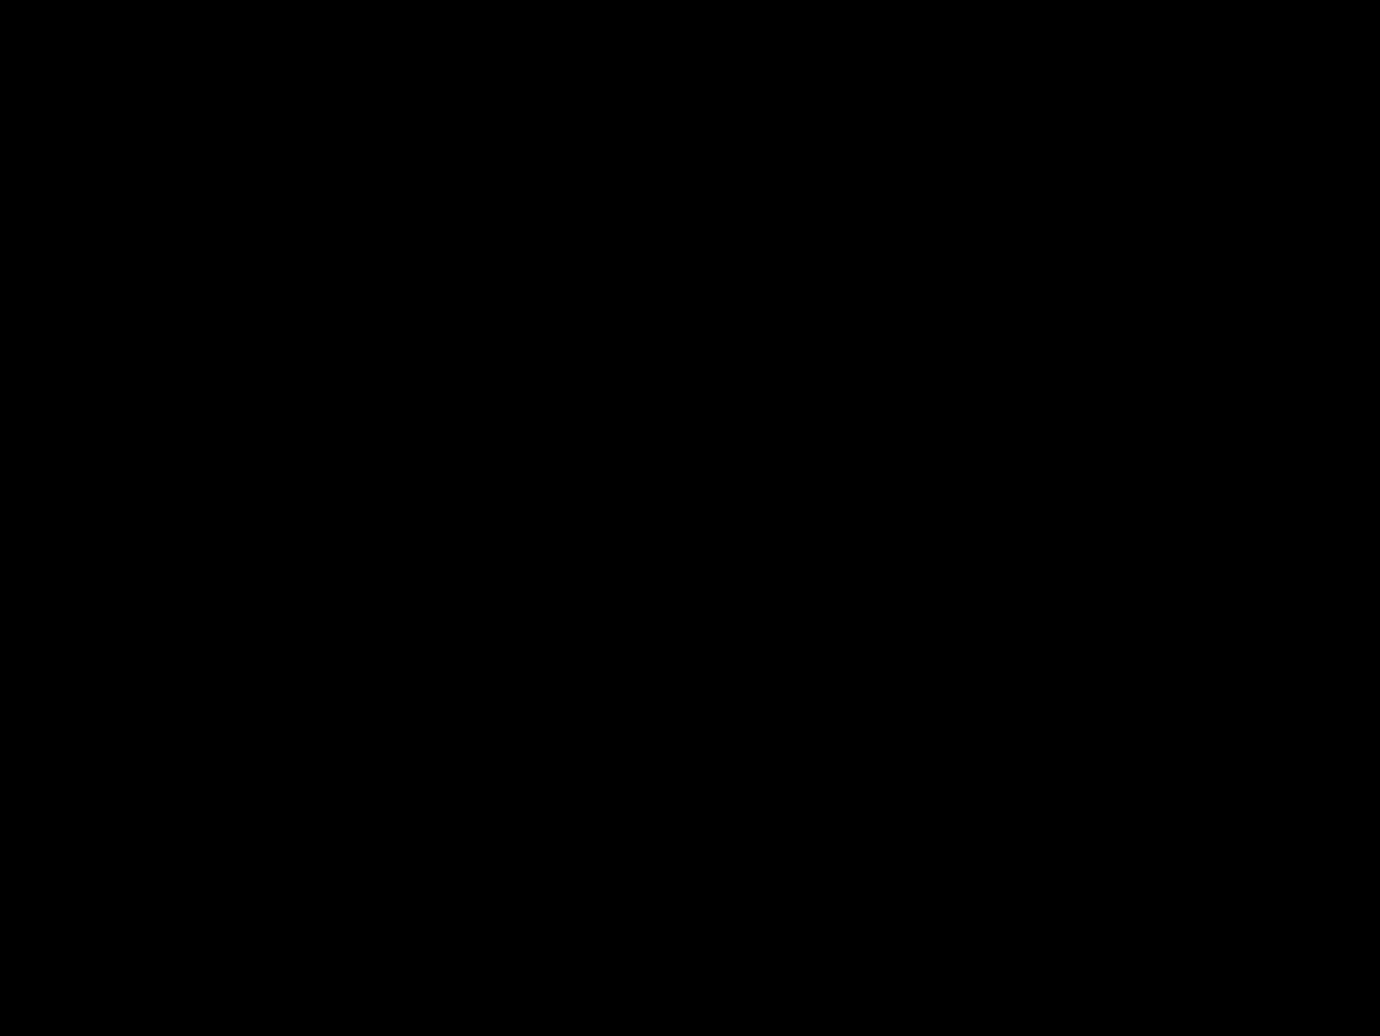 PROGRAMA ANUAL DE EVALUACIÓN 2019, IMCUFIDEH